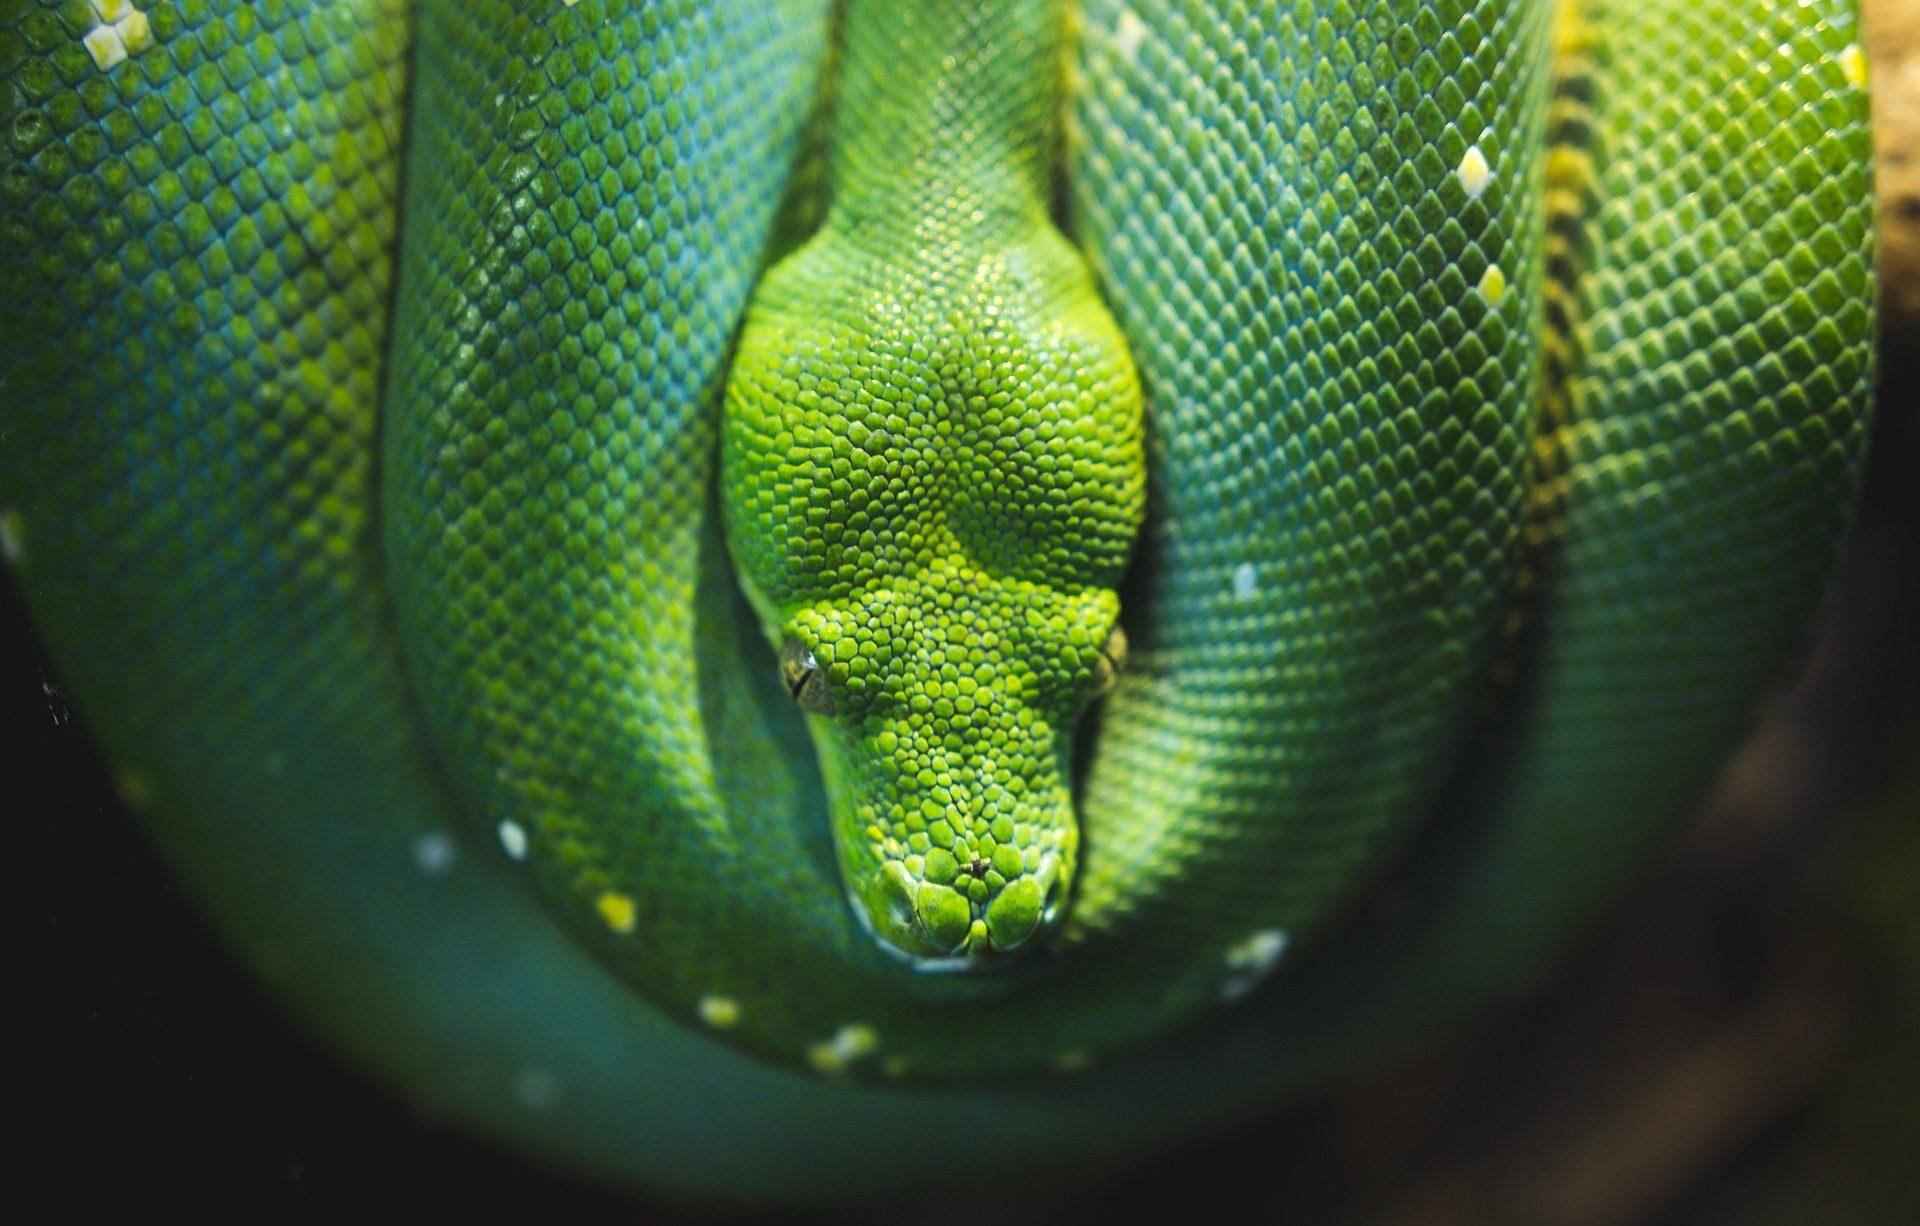 Snake, Augen, Haut, Skalen, Reptil, Grün - Wallpaper HD - Prof.-falken.com